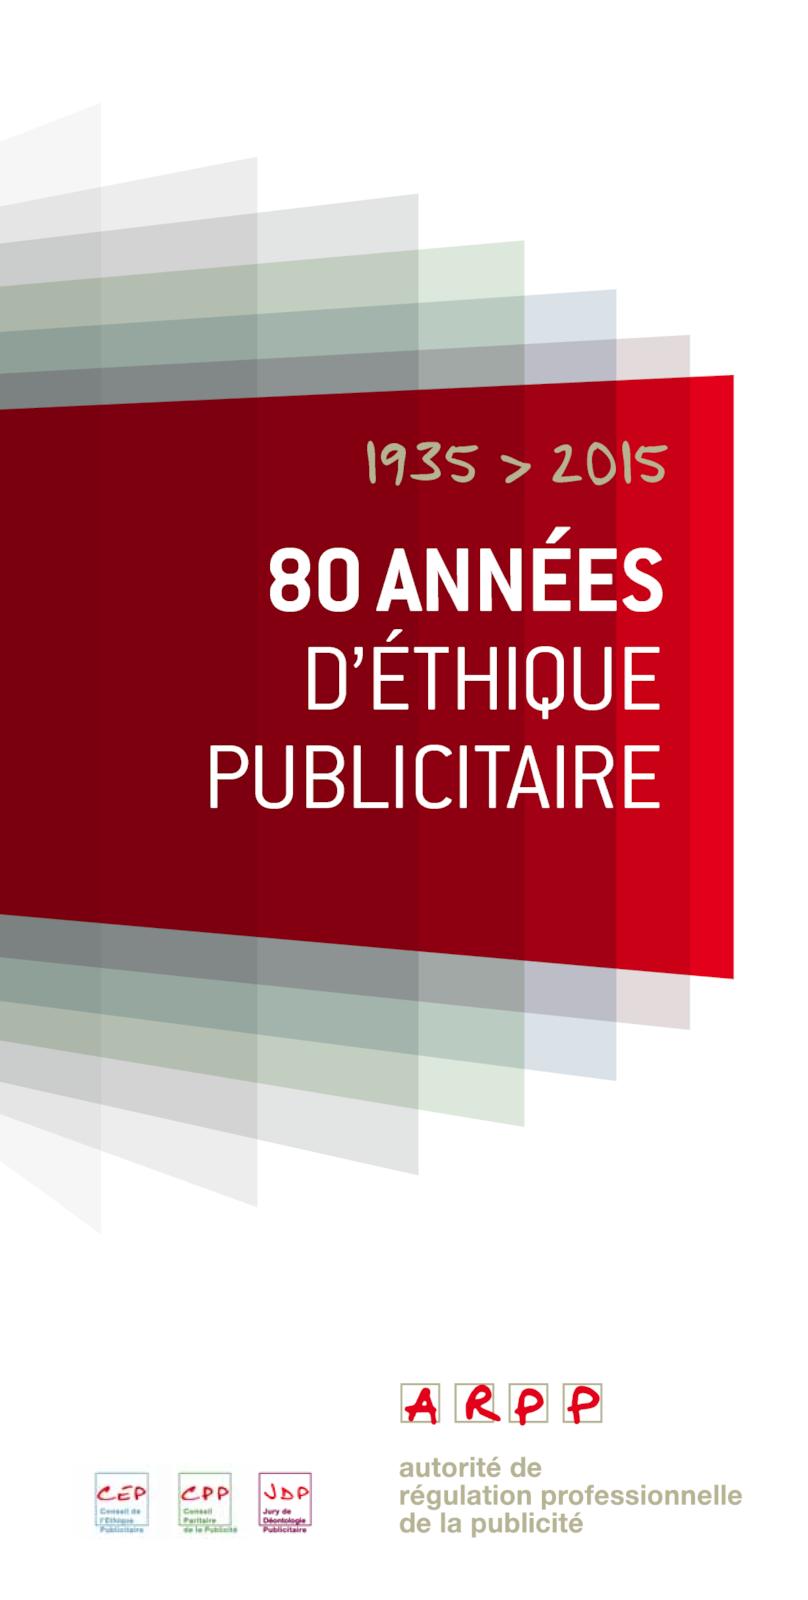 80 années d'éthique publicitaire